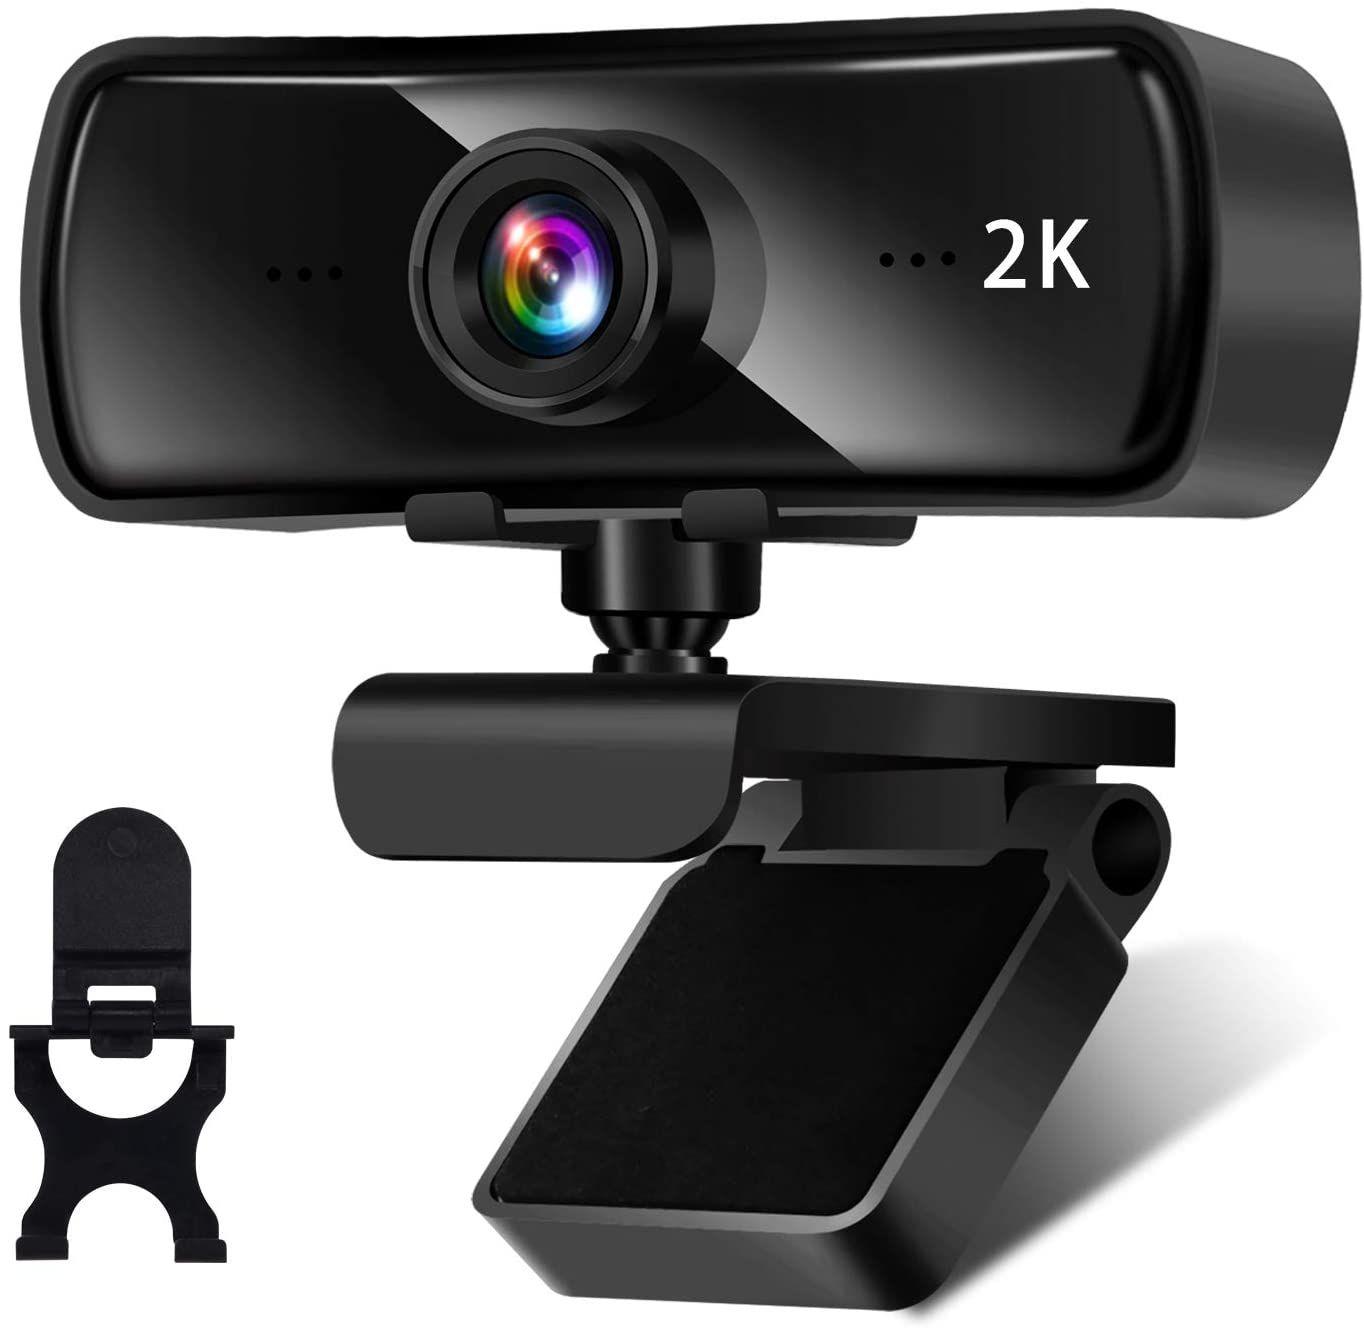 AceScreen Webcam resolución de hasta 2560 x 1440 a 30 fps con Chat, Streaming y Grabación, Diseño Plegable y Giratorio de 360 °